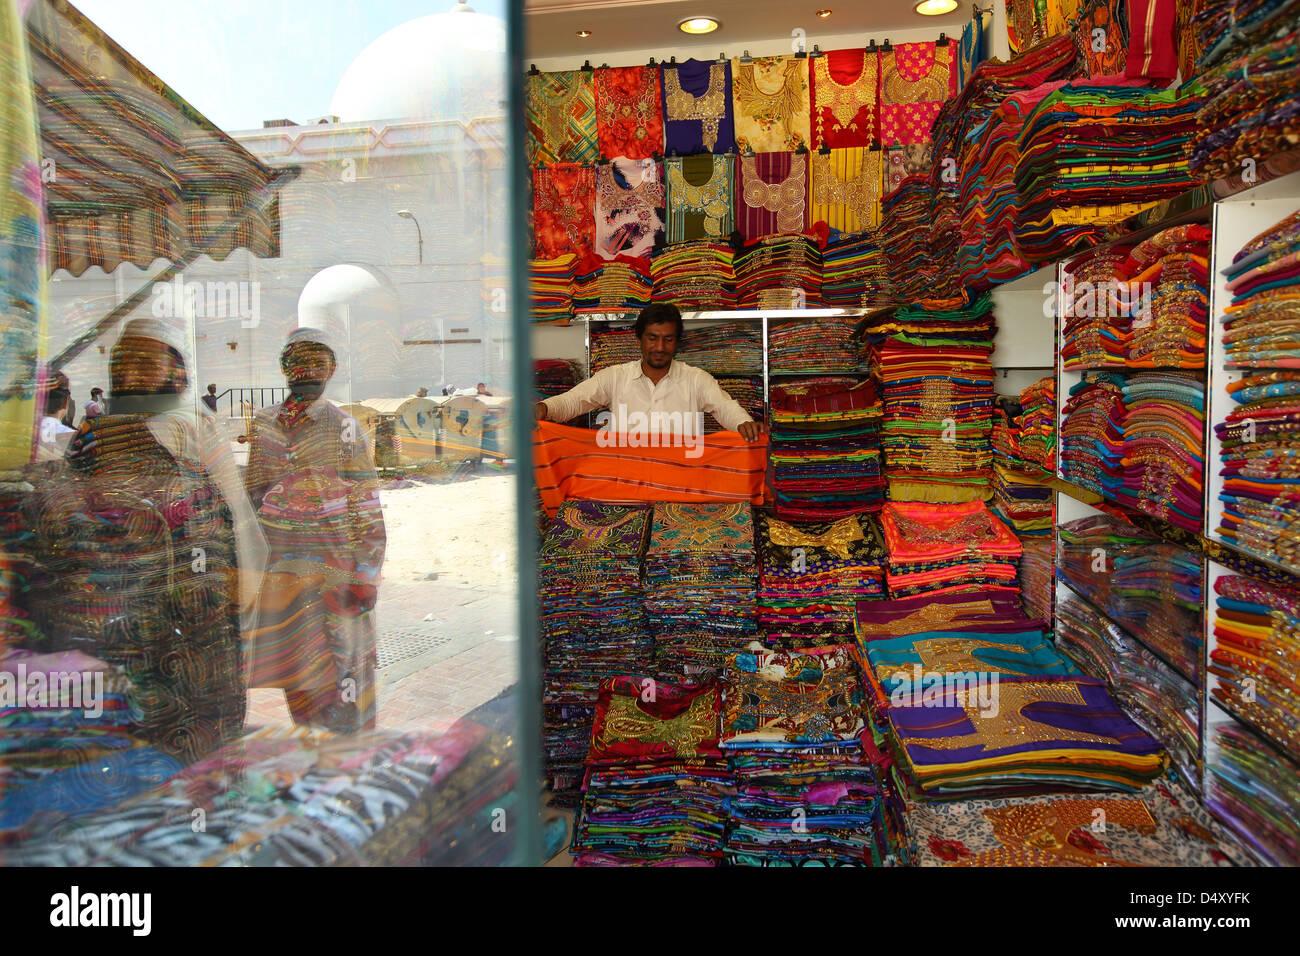 Der Mensch Falten Stoff im Textilgeschäft, Dubai, Vereinigte Arabische Emirate Stockbild